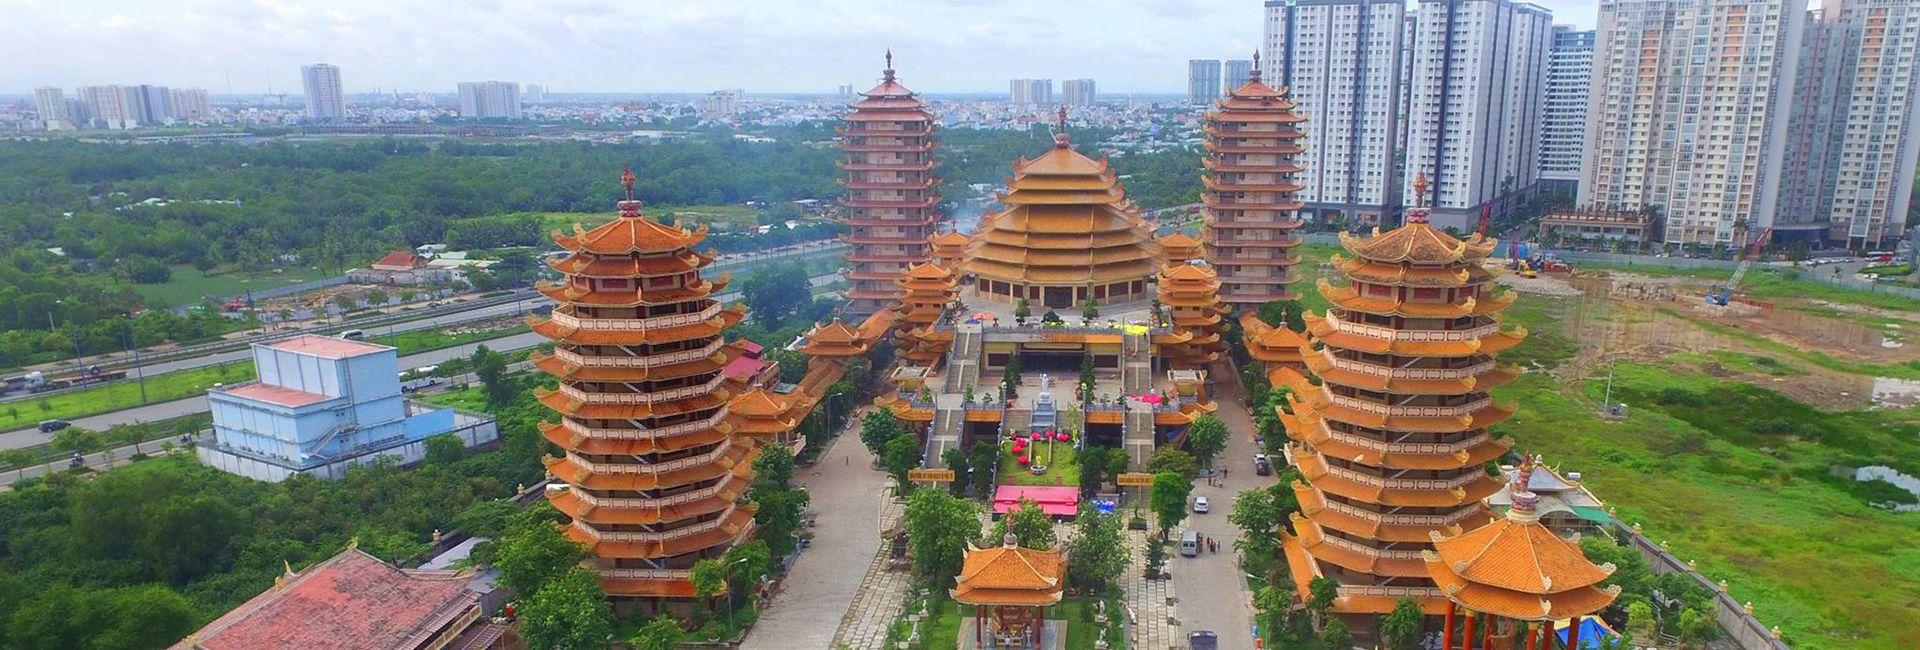 Tham quan Pháp viện Minh Đăng Quang, Sài Gòn